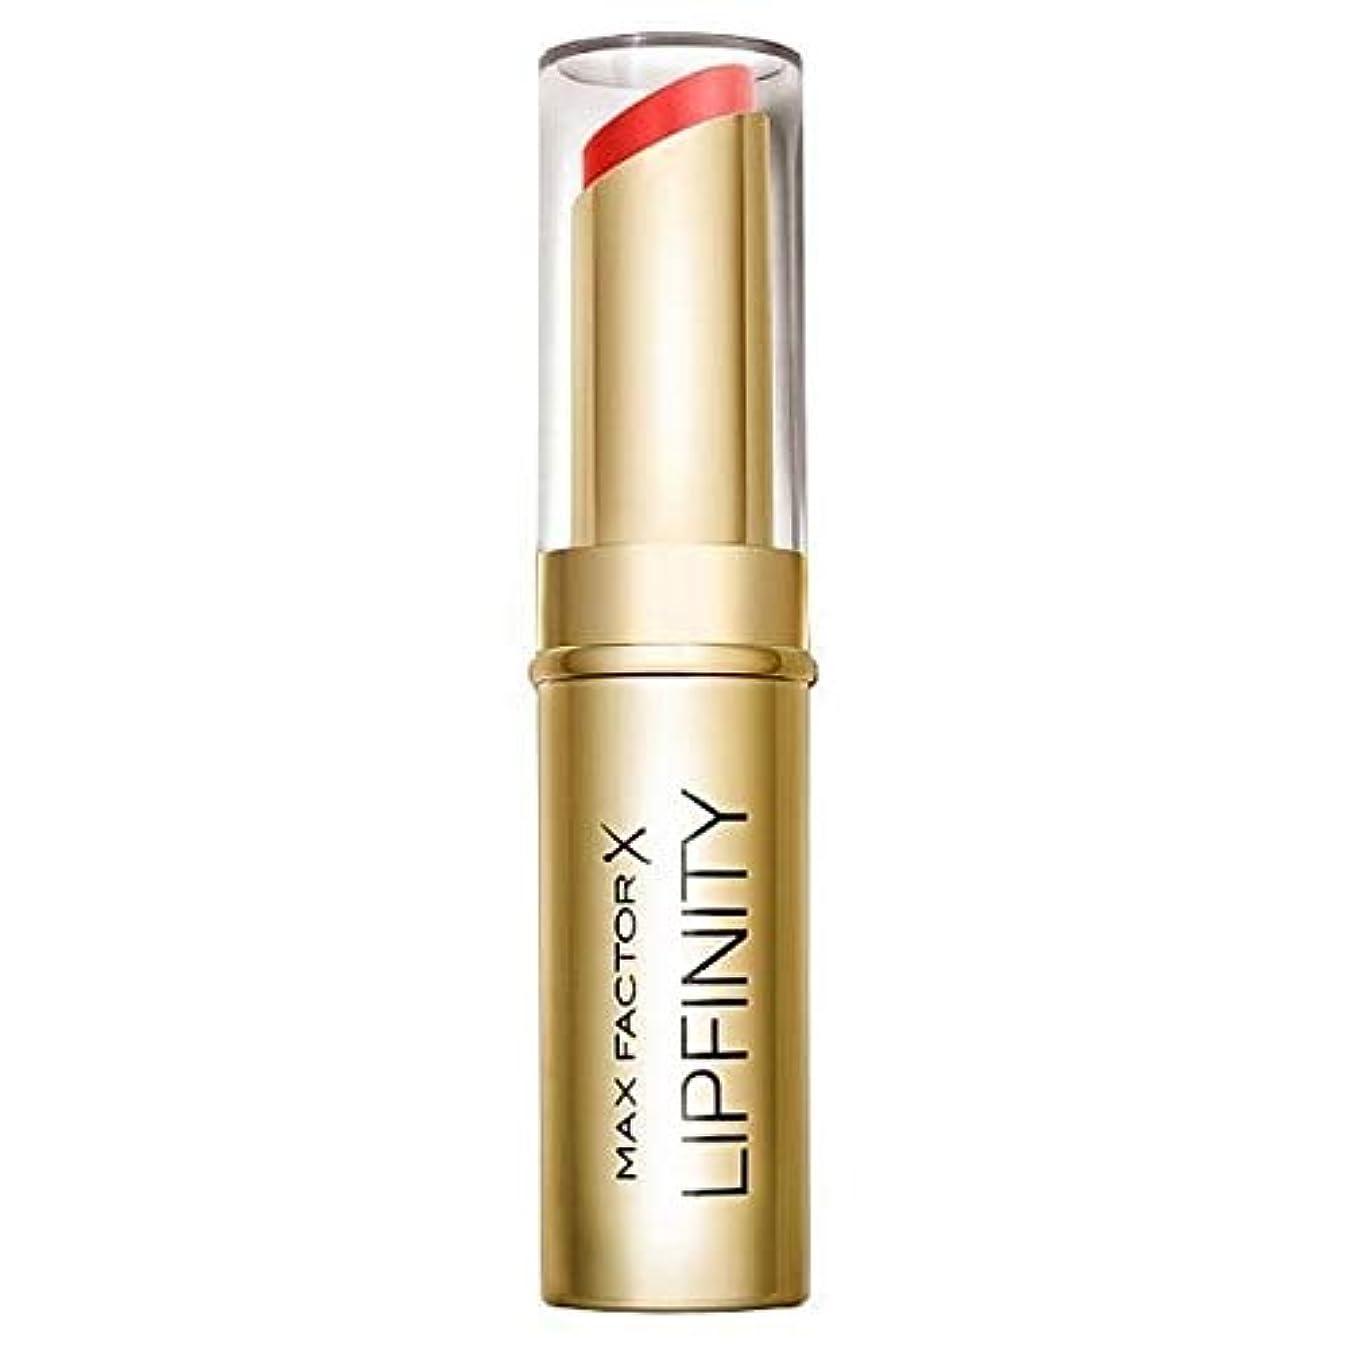 ペーストレンダリング集団的[Max Factor ] 長い口紅だけの豪華持続マックスファクターLipfinity - Max Factor Lipfinity Long Lasting Lipstick Just Deluxe [並行輸入品]